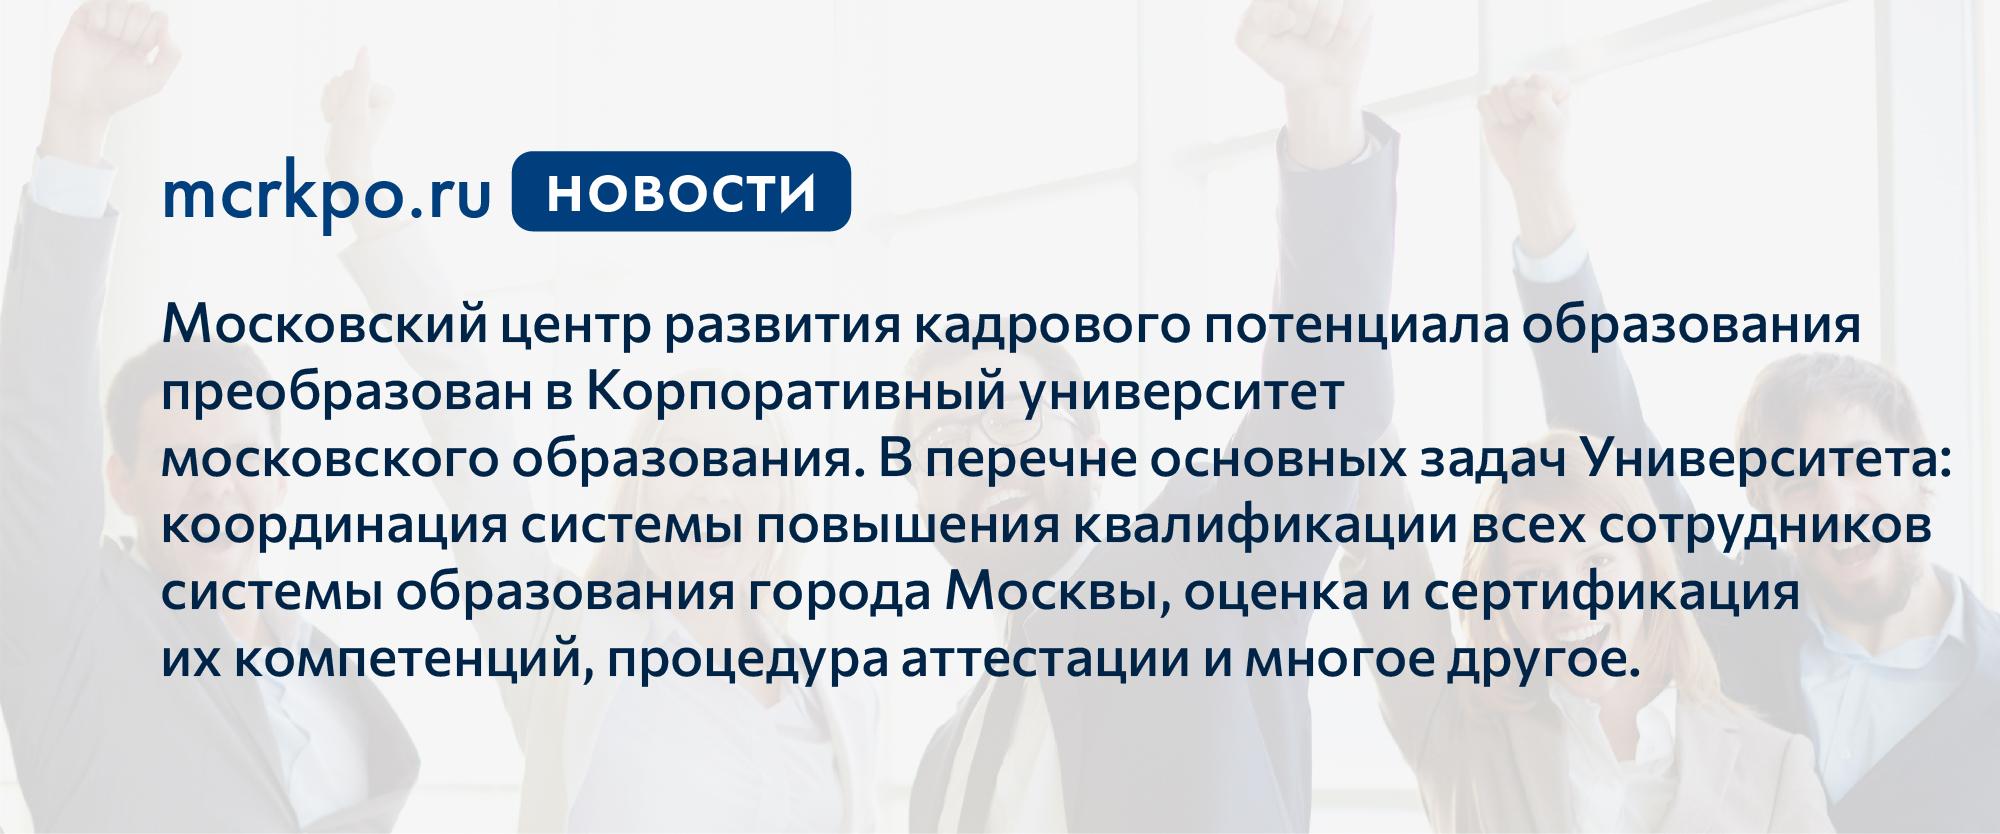 МЦКПО преобразован_баннер